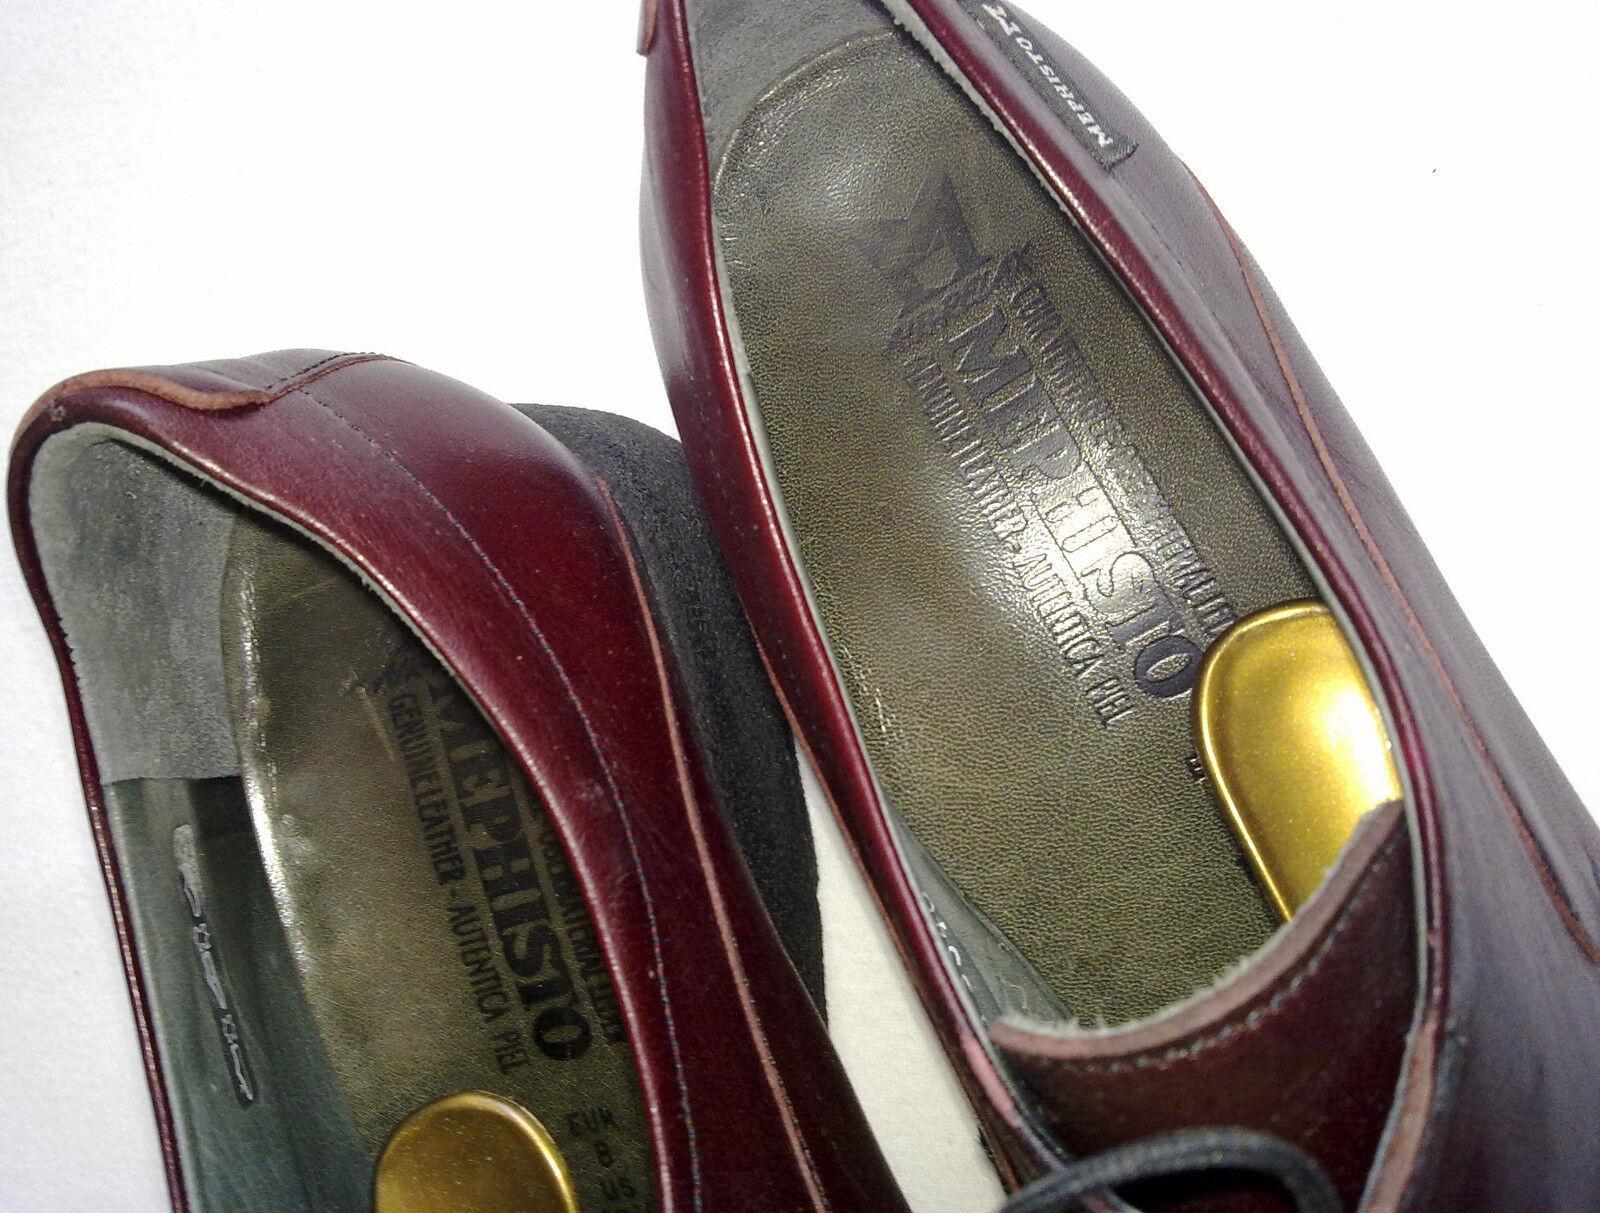 MEPHISTO RELAX SHOCK ABSORBER 334011131 EUR 10 8 US 10 EUR 1/2 VTG classic w.NEU 58de04